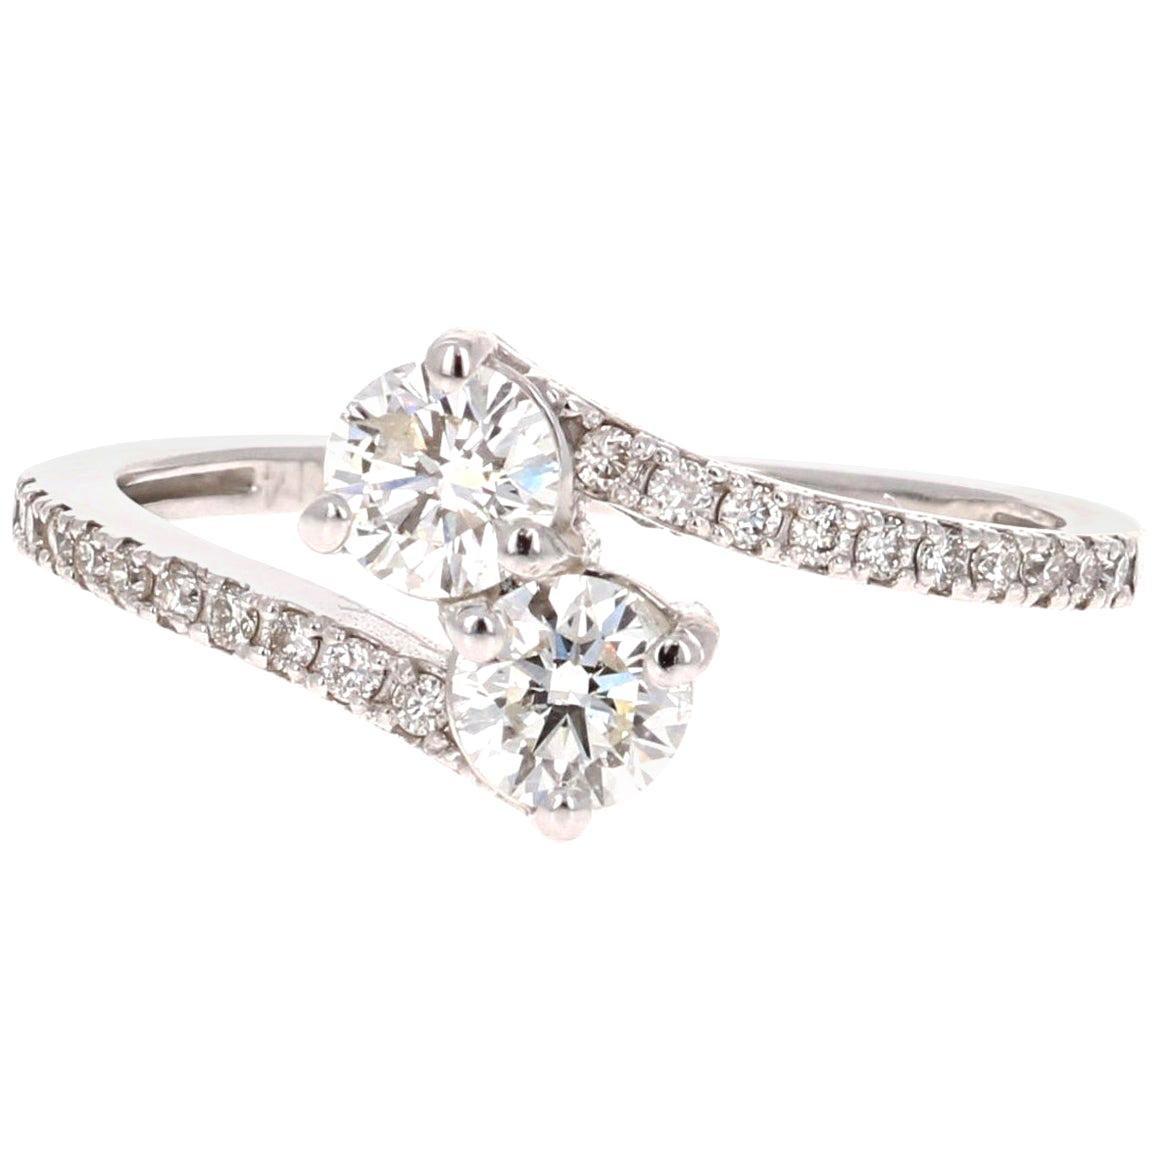 0.74 Carat Two-Stone Diamond 14 Karat White Gold Bridal Ring